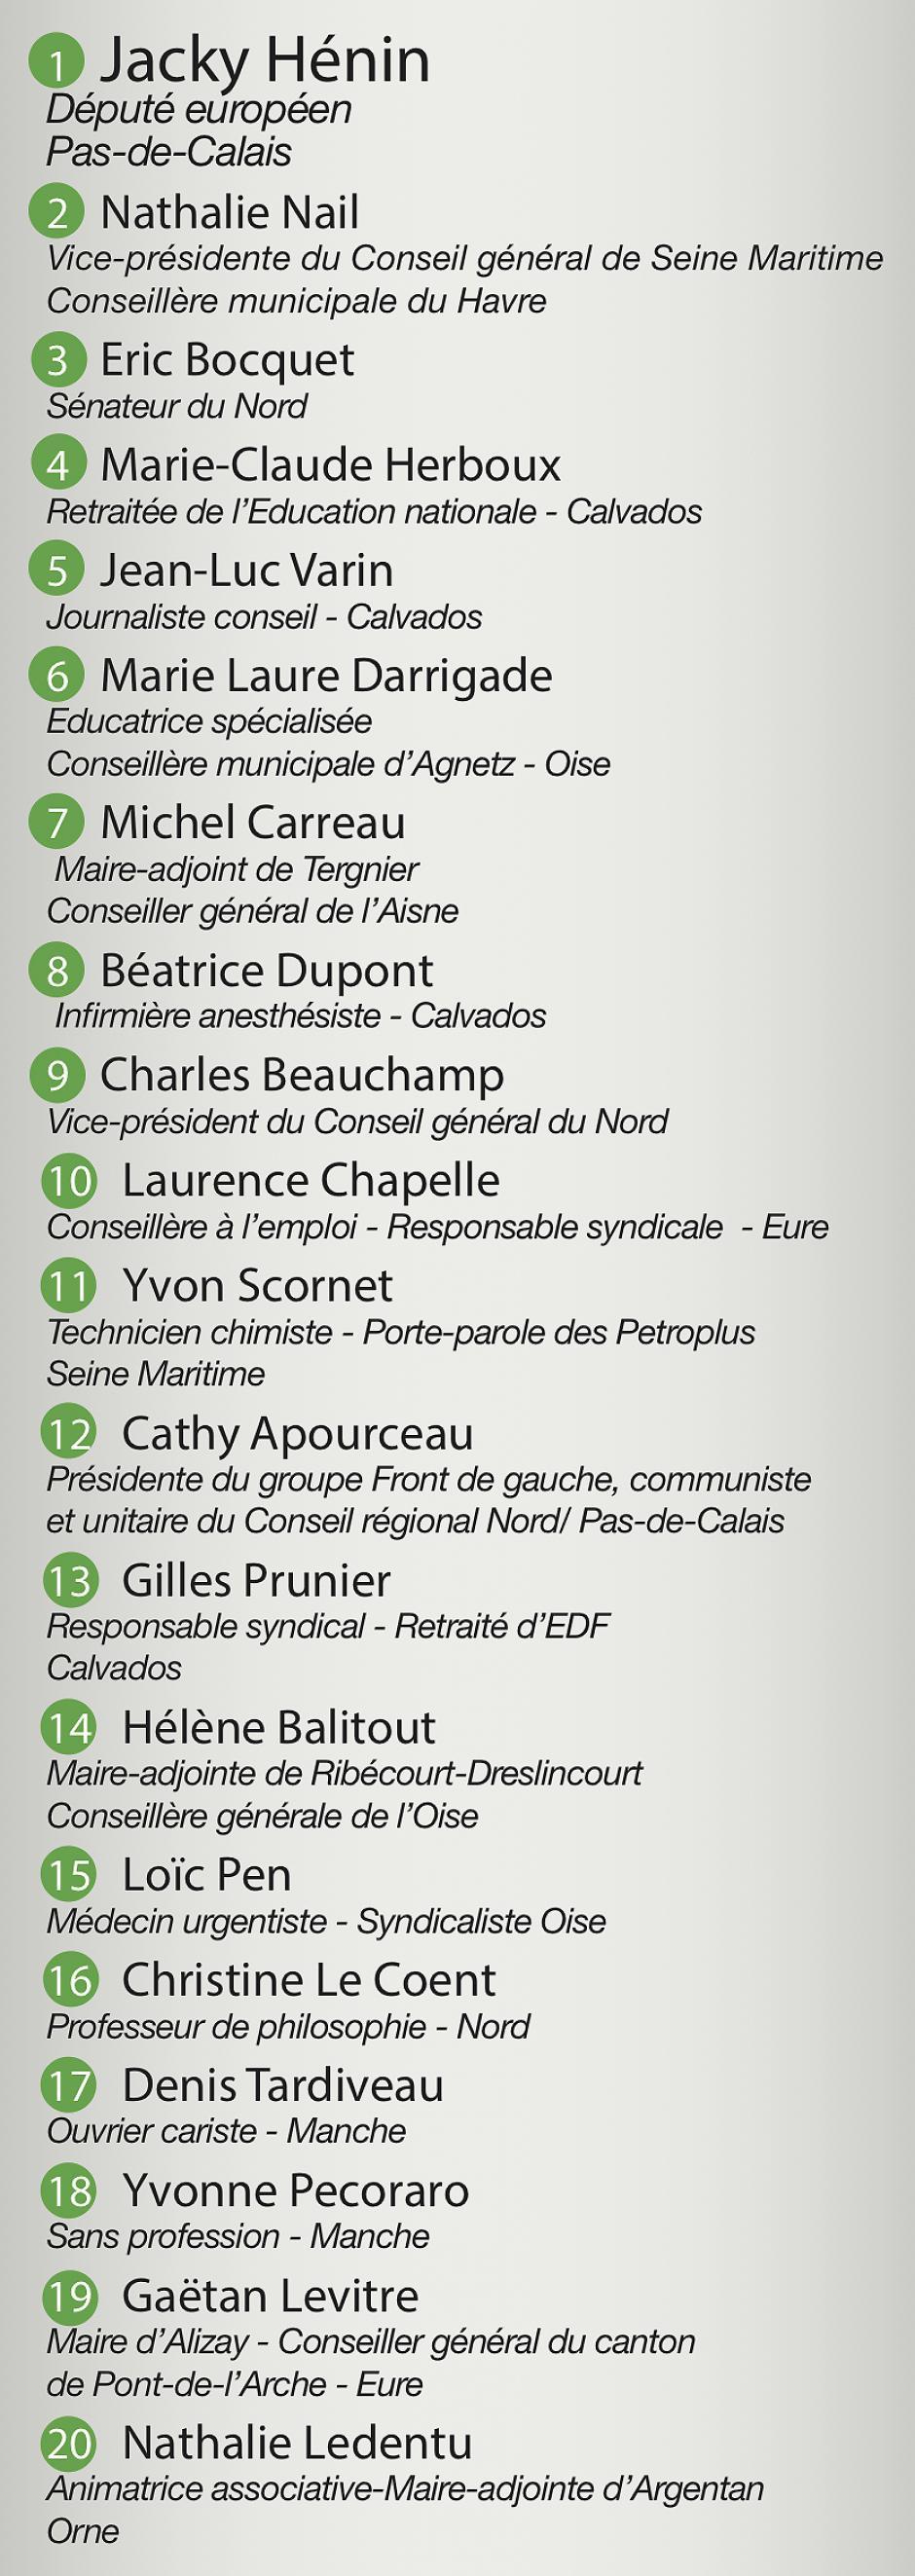 Européennes 2014 - Liste des candidat-e-s de la circonscription Nord-Ouest - 28 avril 2014